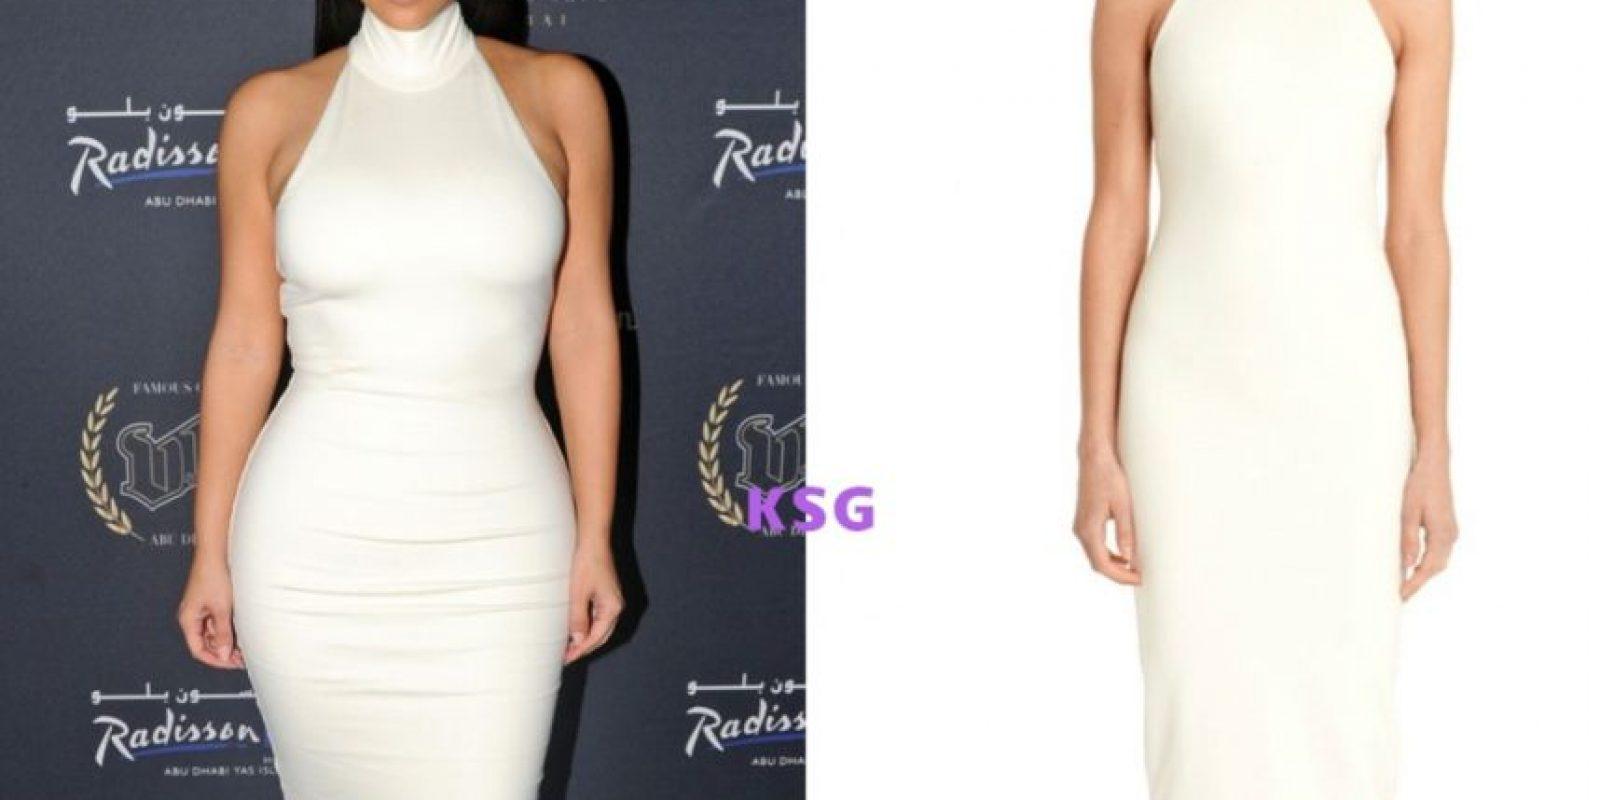 La colección en SEARS de Kim Kardashian vendió 300 millones de dólares el año pasado. Foto:KimStyleGuide/Tumblr